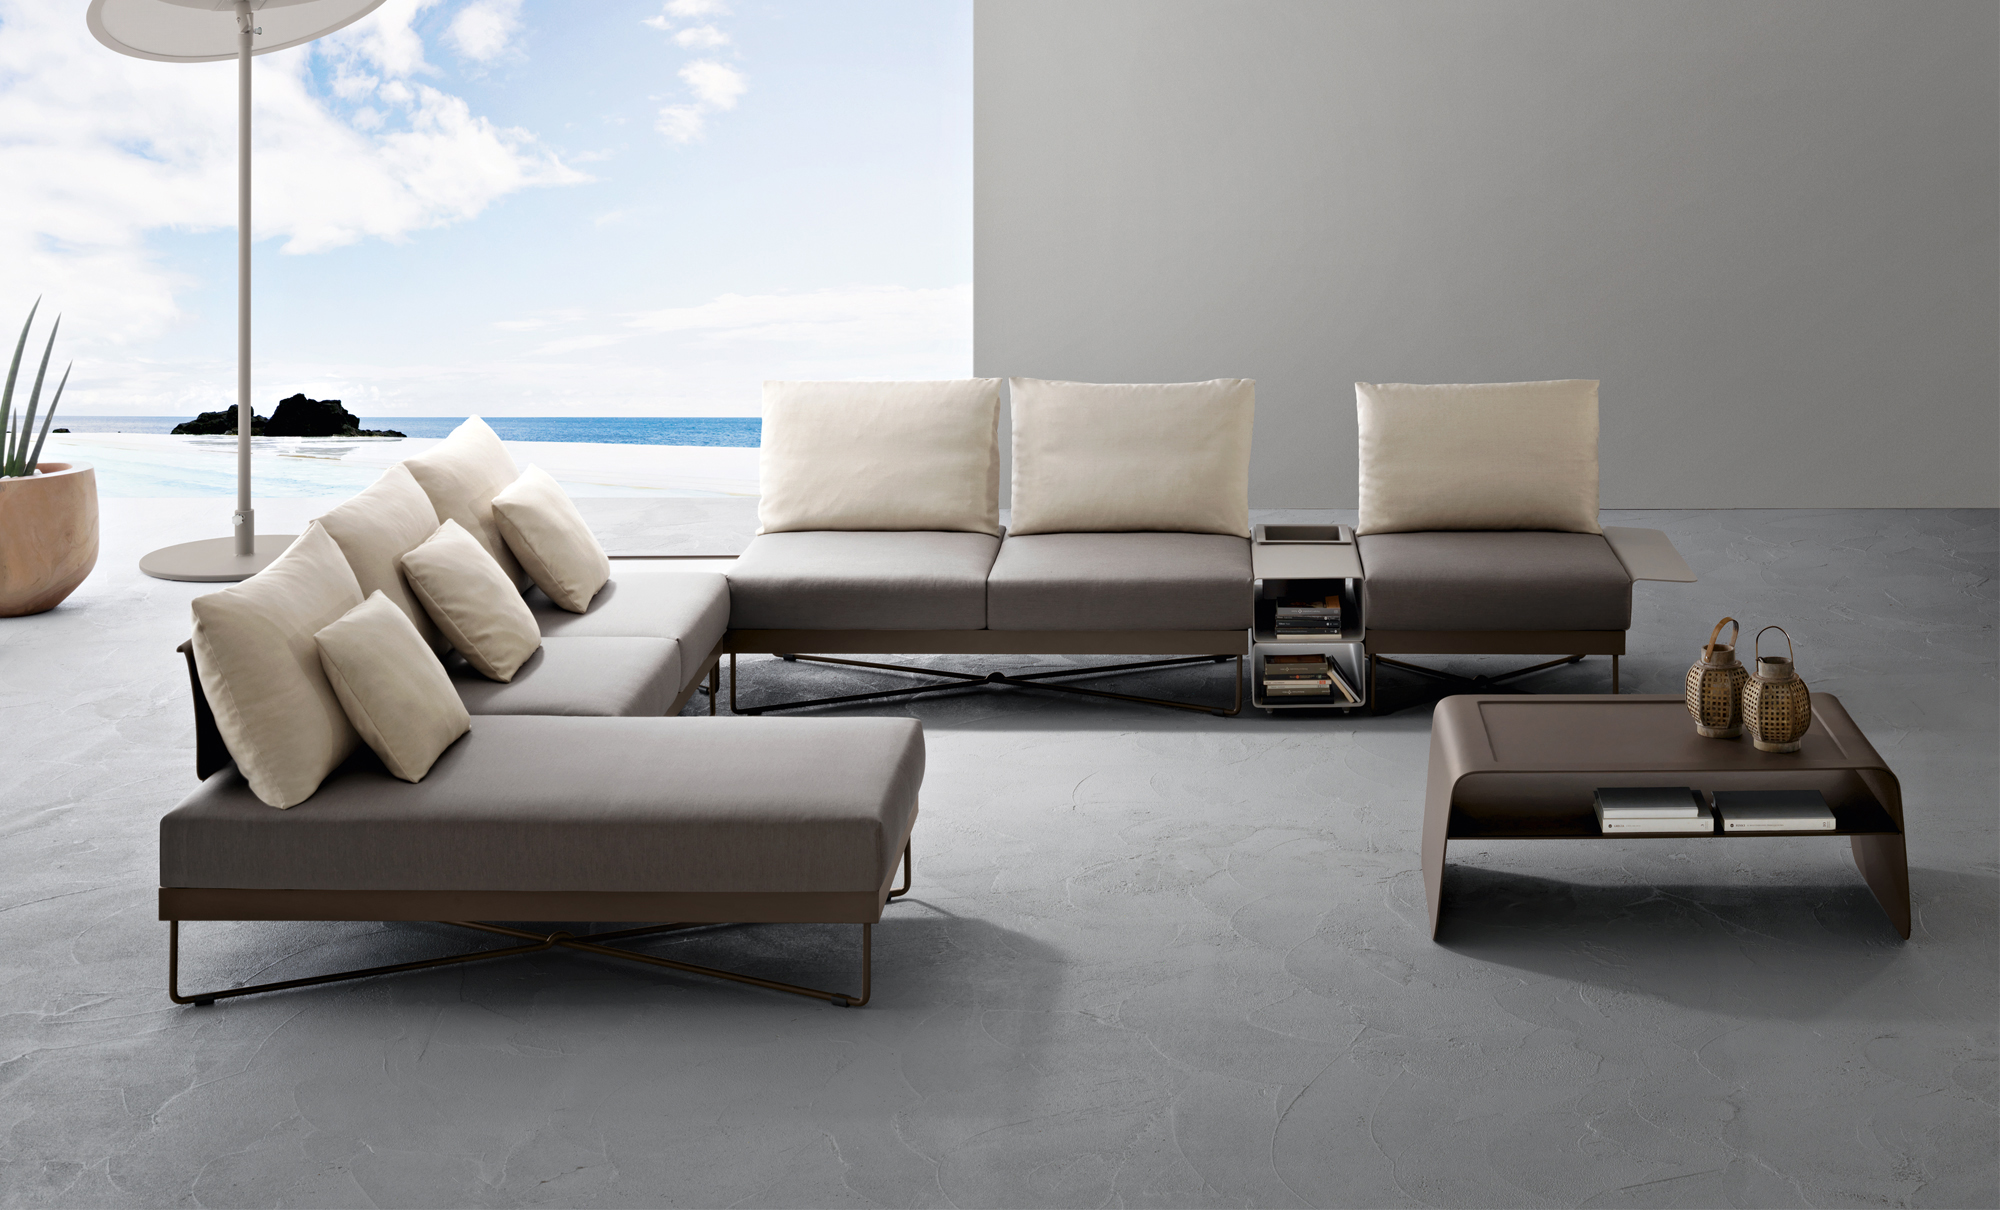 Designer Outdoor Sofas Sydney & Melbourne Fanuli Rurniture